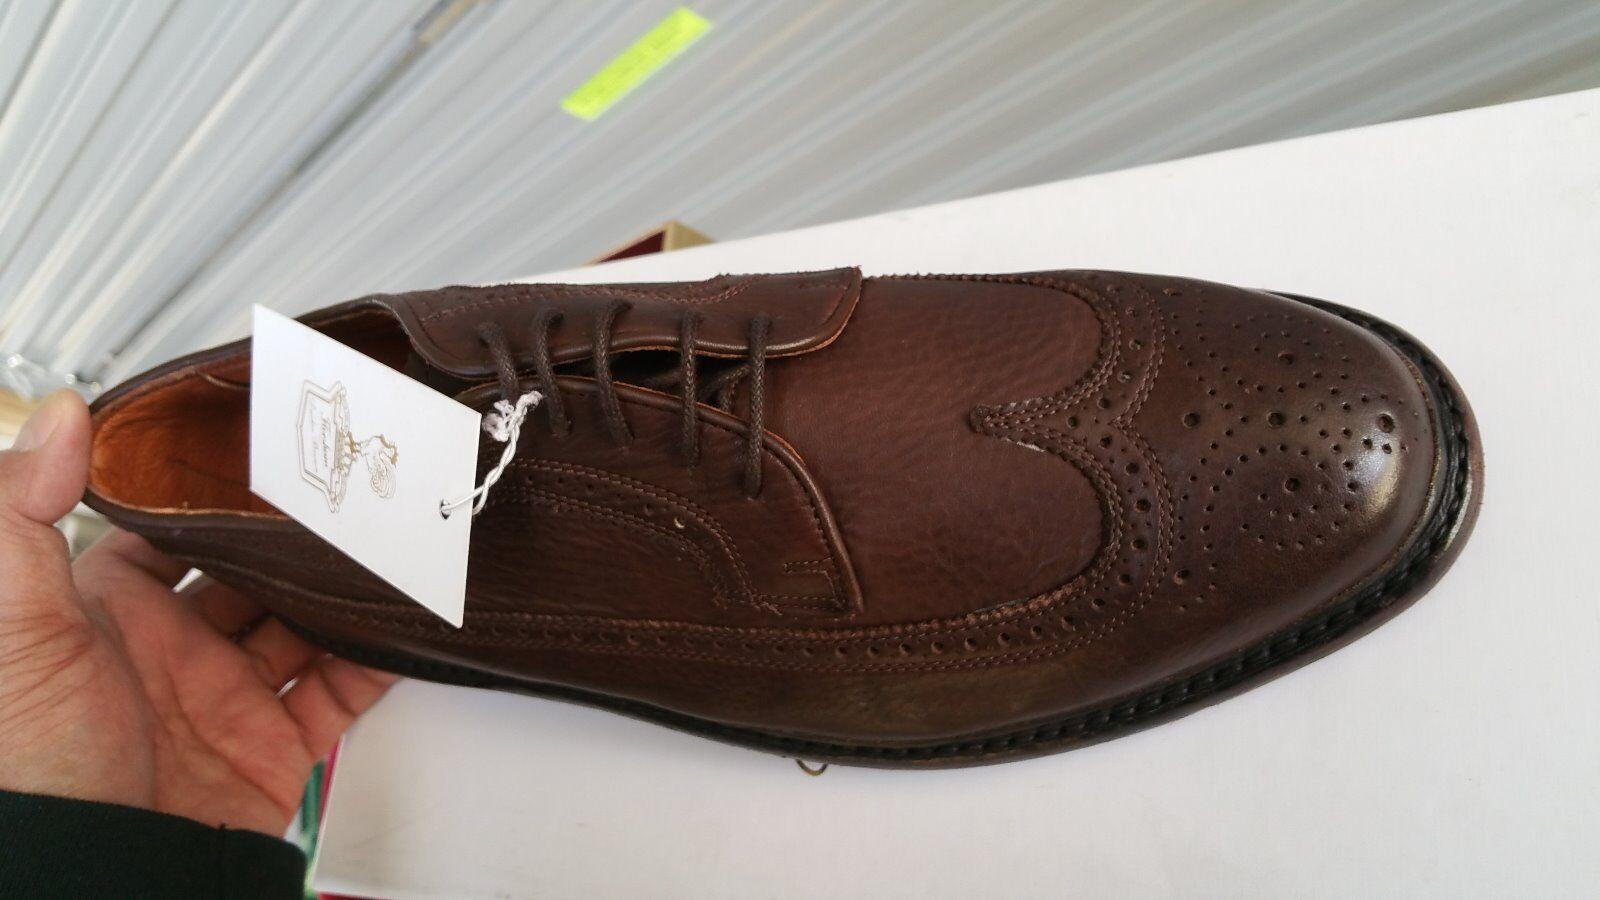 Para hombres zapatos de lujo Florsheim Duckie Duckie Duckie Marrón Marrón roto Brogue US 9.5 D b8d0f5